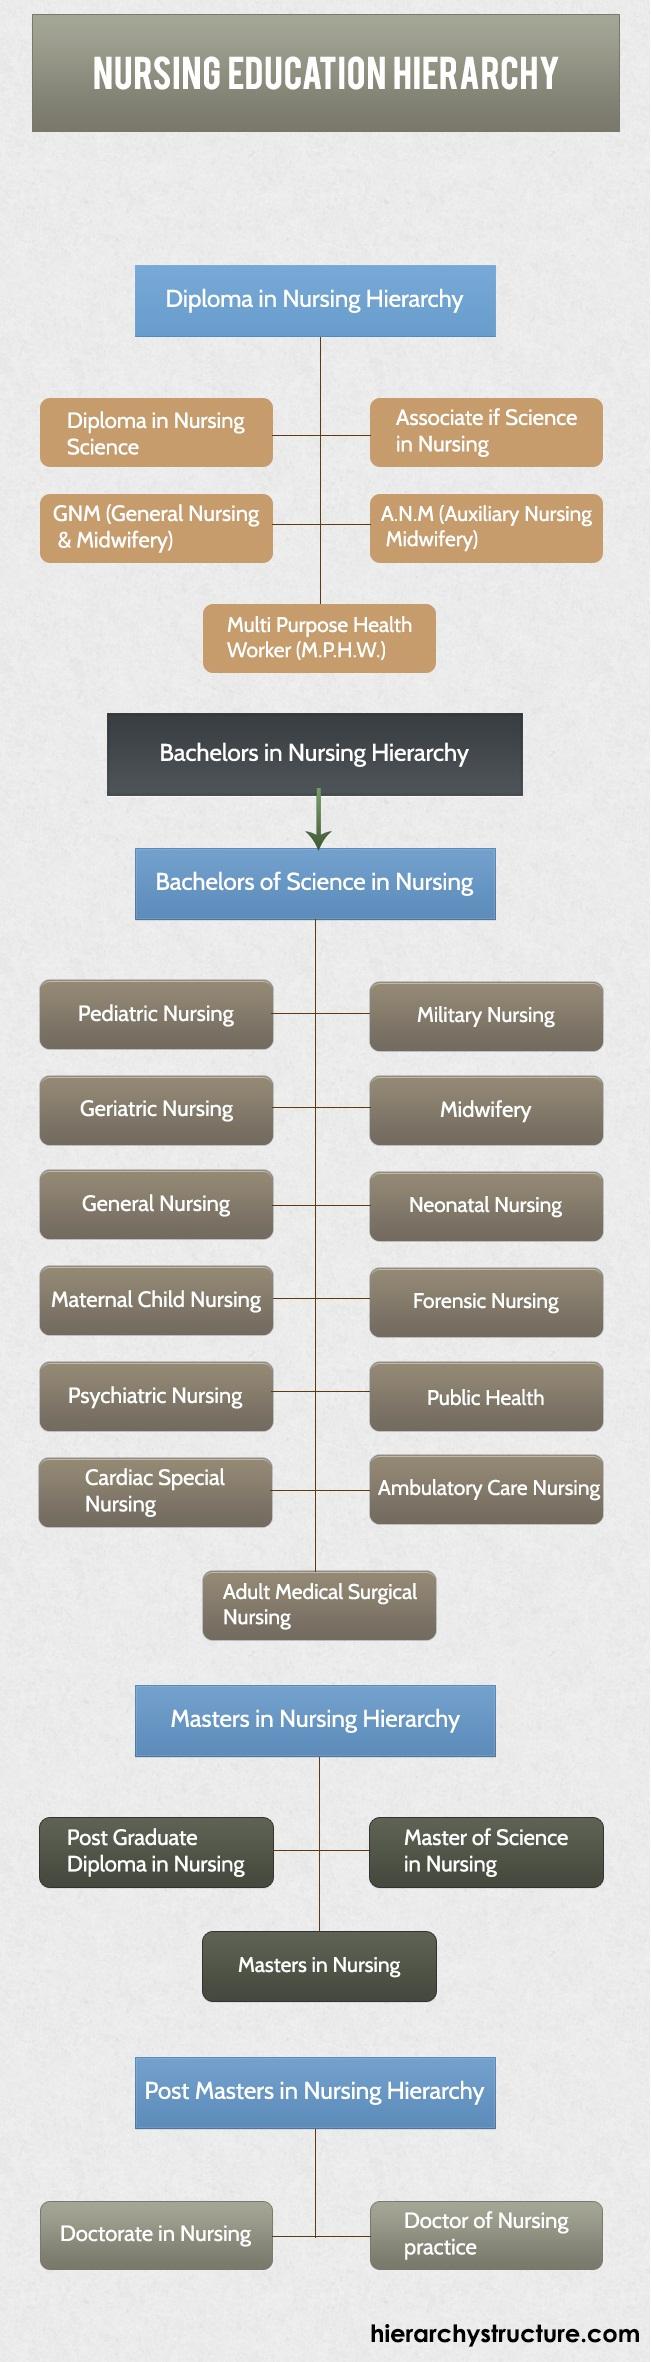 Nursing education hierarchy education hierarchy pinterest nursing education hierarchy xflitez Images